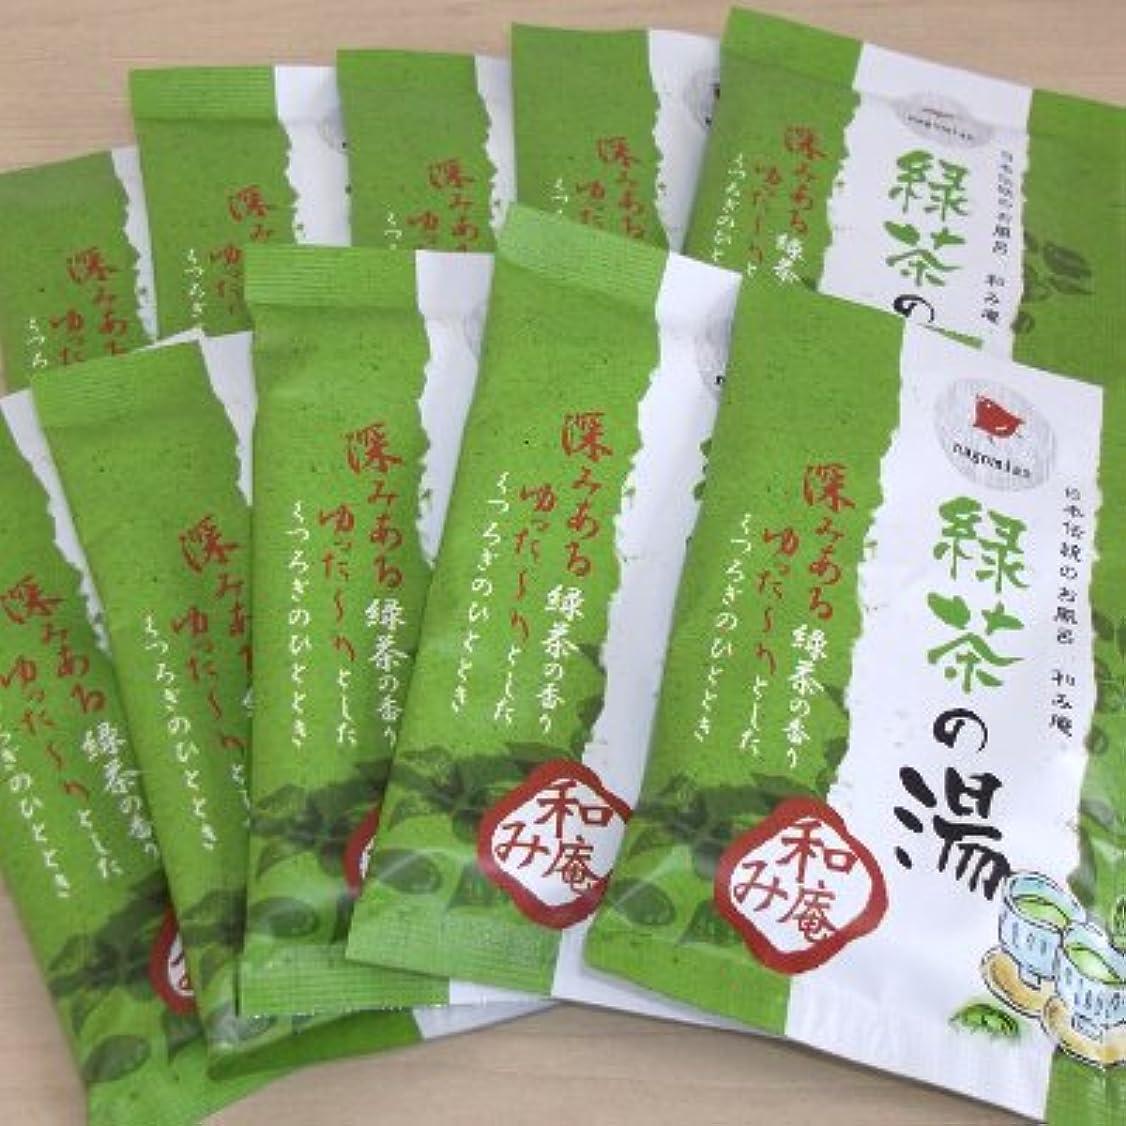 請負業者トライアスリートダルセット和み庵 緑茶の湯 10包セット